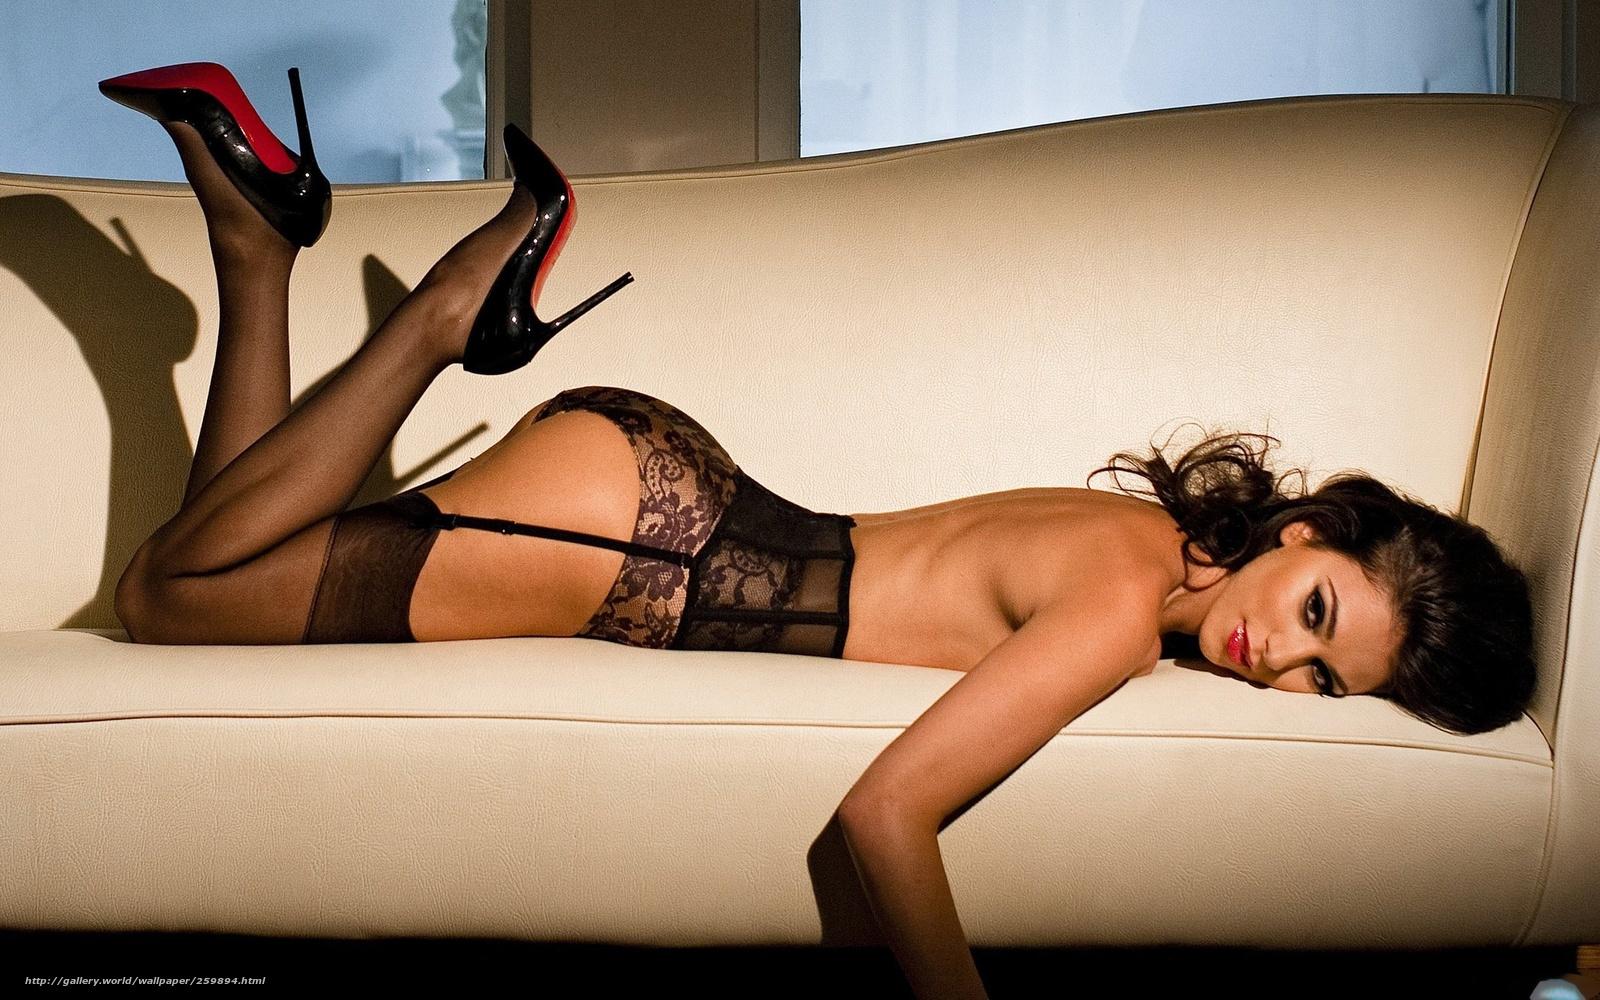 Супер фотки о сексе 15 фотография